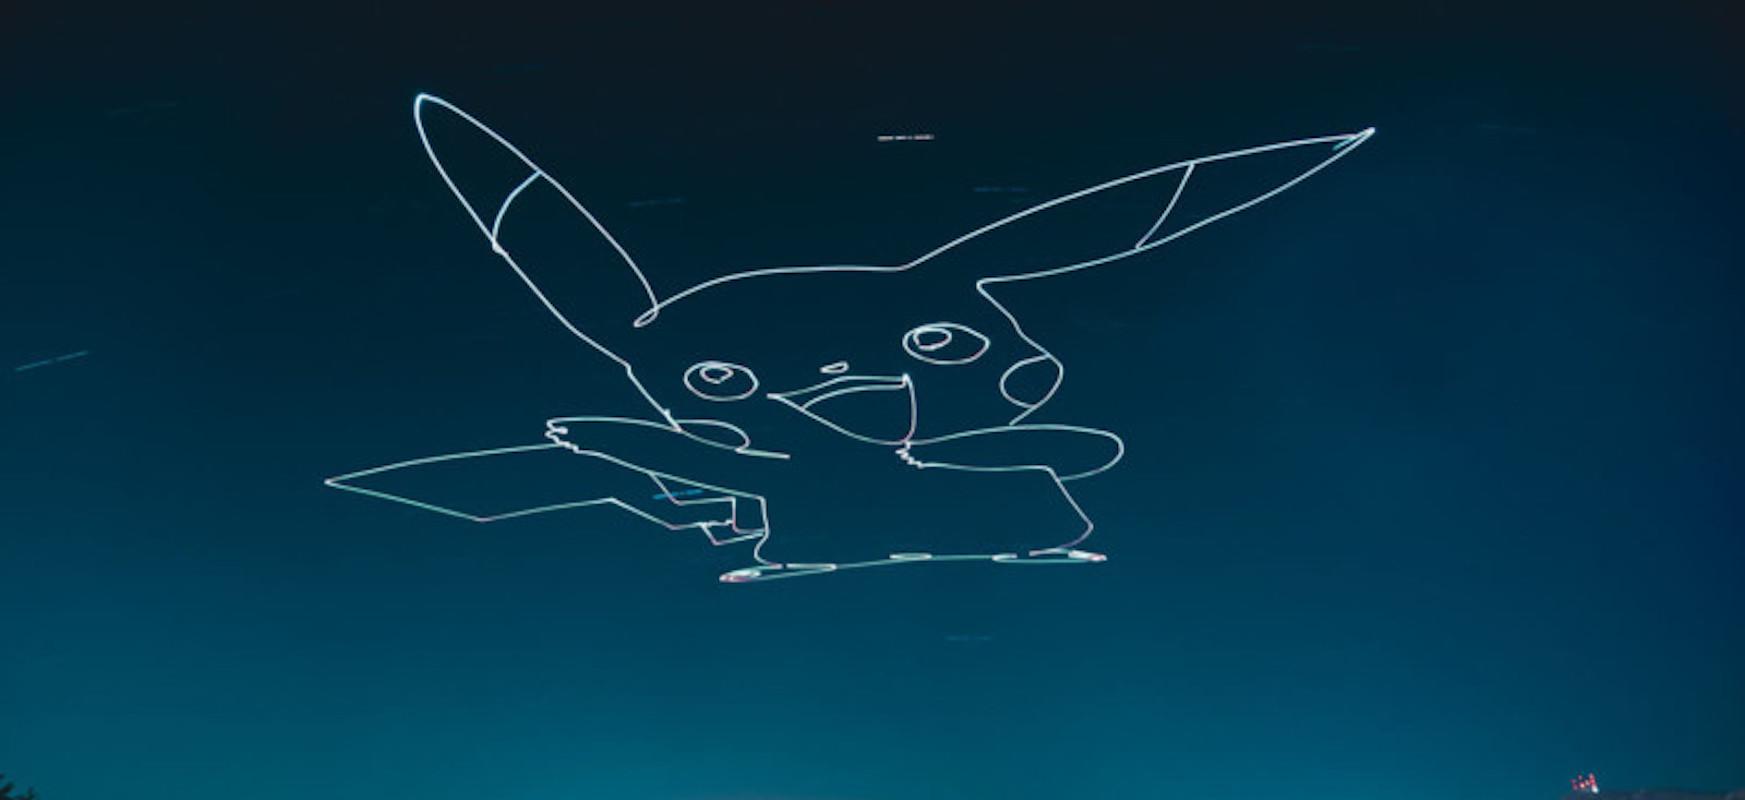 Zer gertatzen da argiztapen bat droneari lotzea eta gaueko zeruan argia margotzea?  Eraginak harrigarriak dira